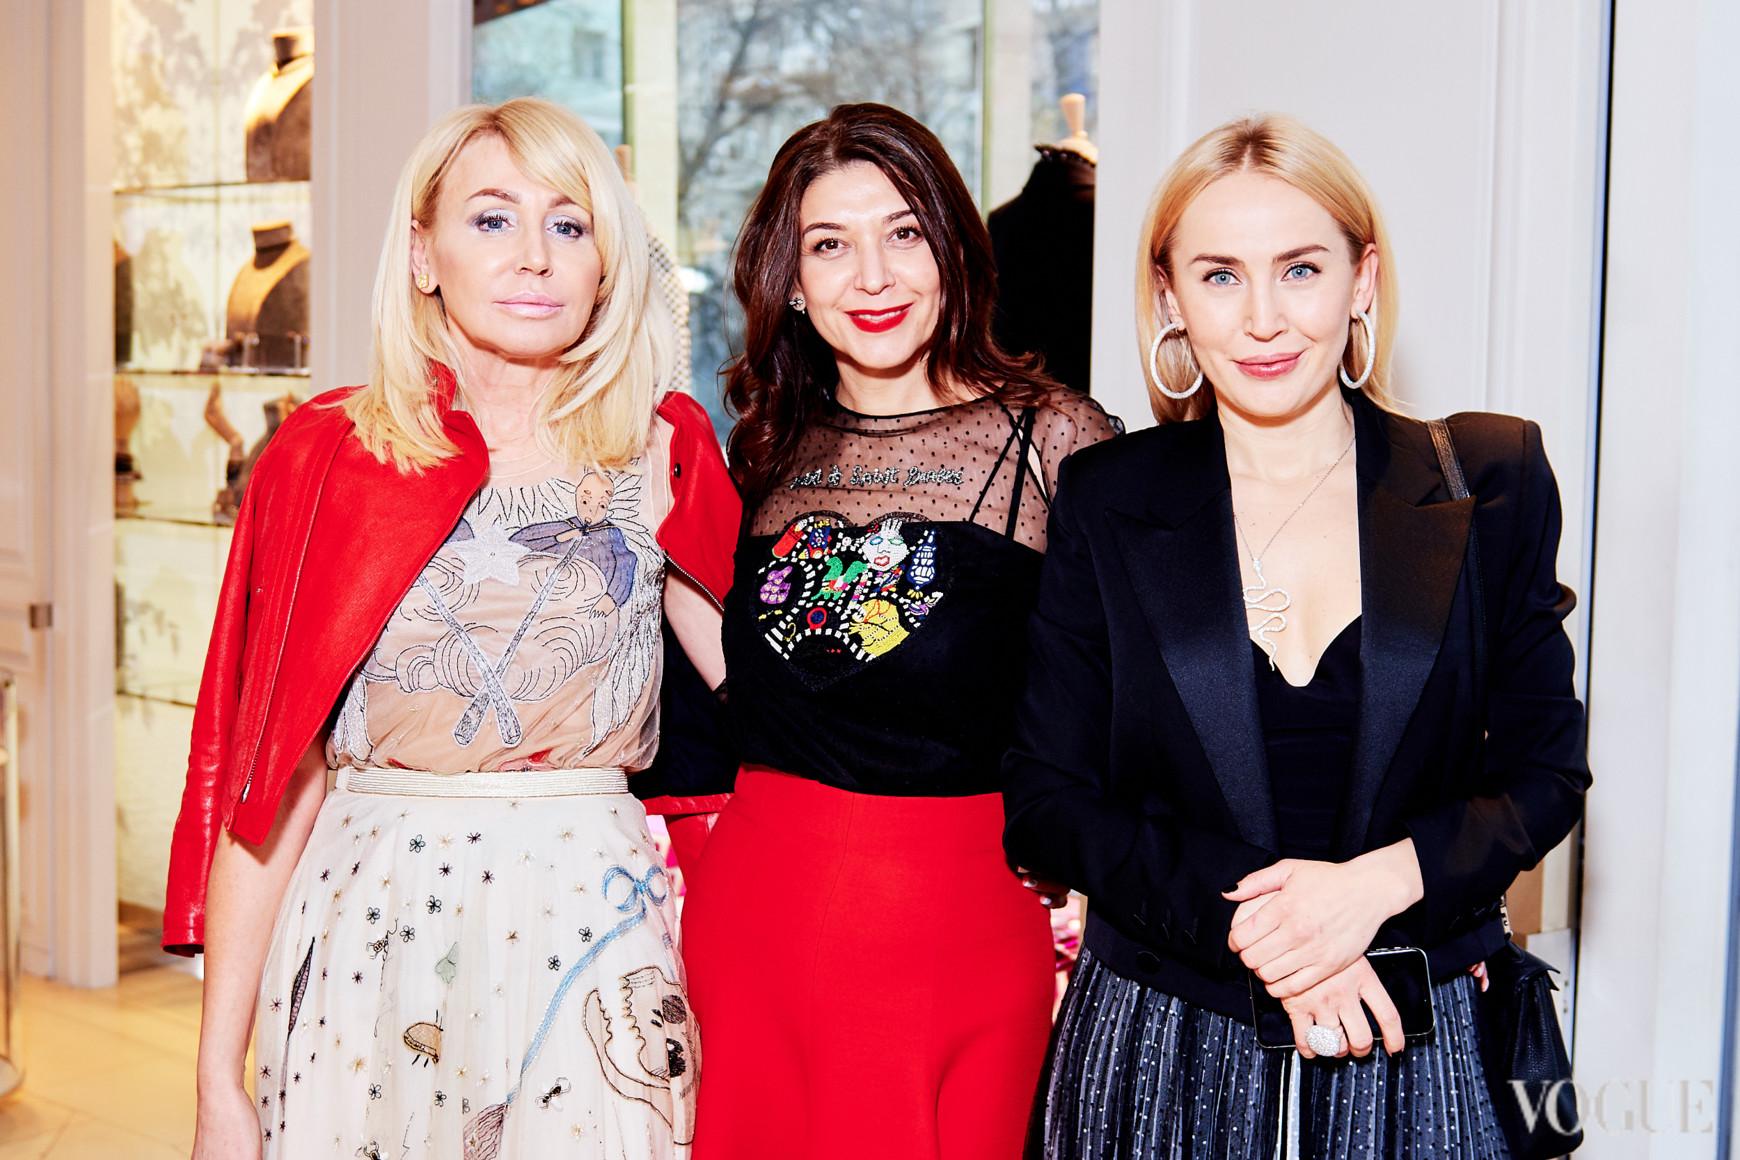 Алена Лебедь, Ольга Дашкиева и Ирина Скляр